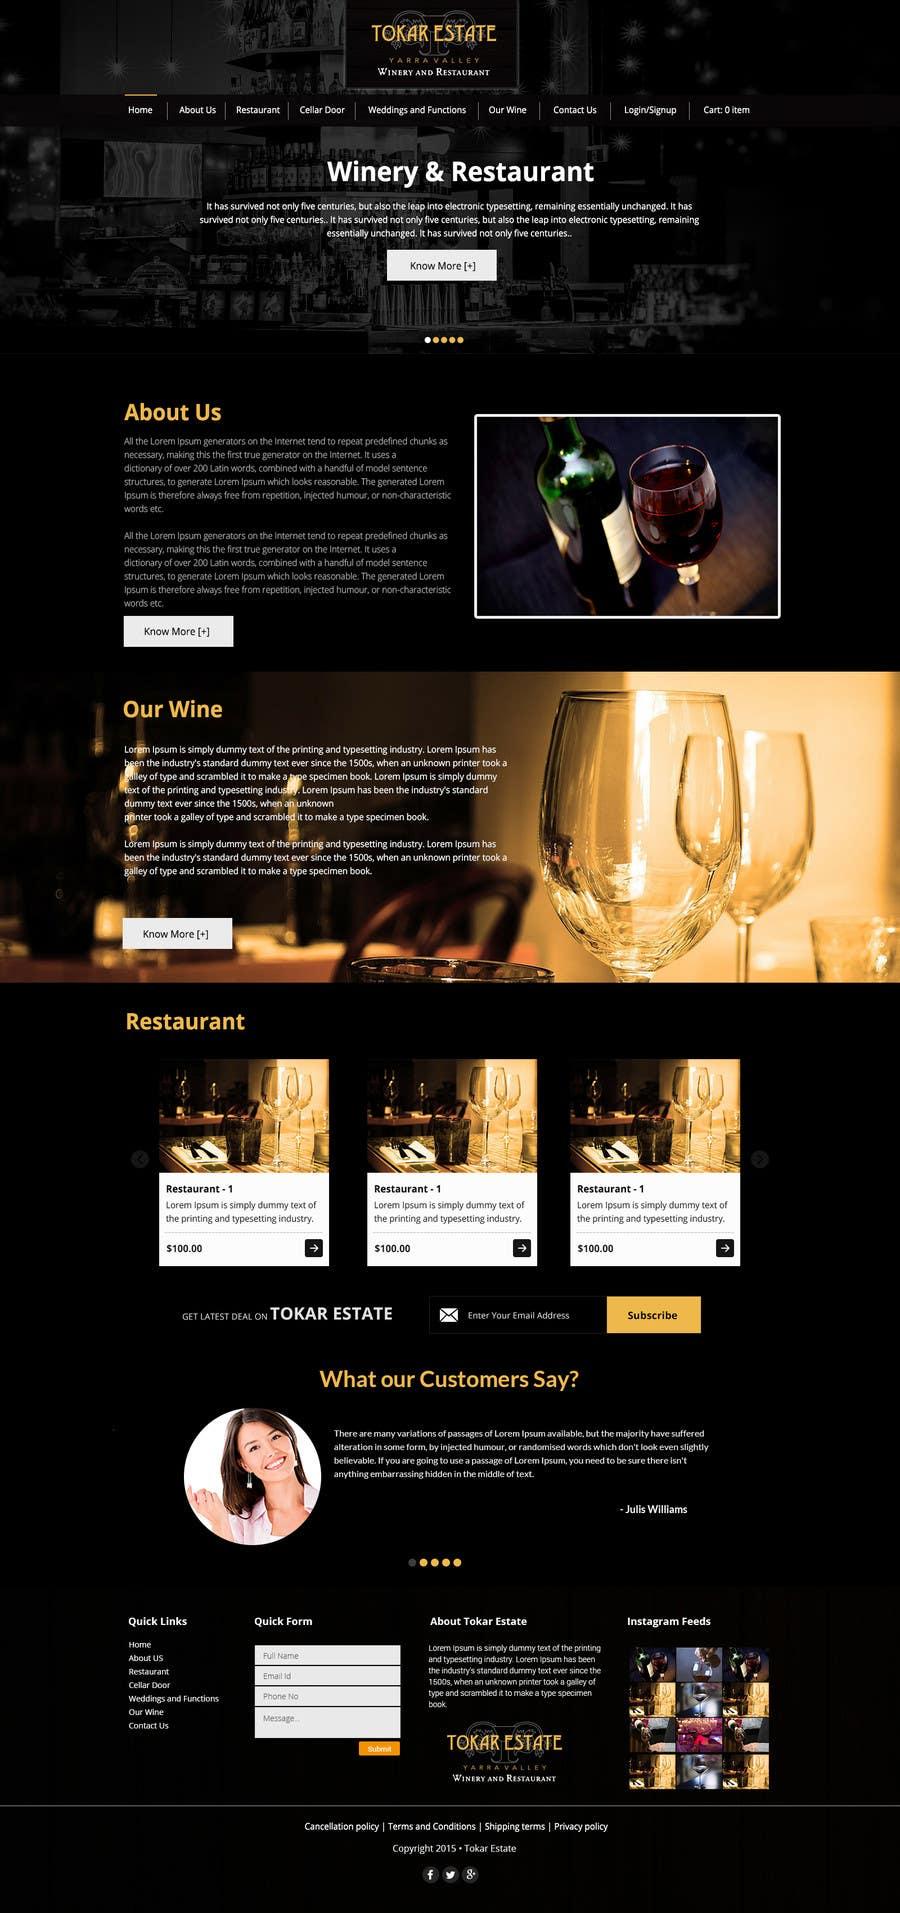 Contest Entry 15 for Design a Website